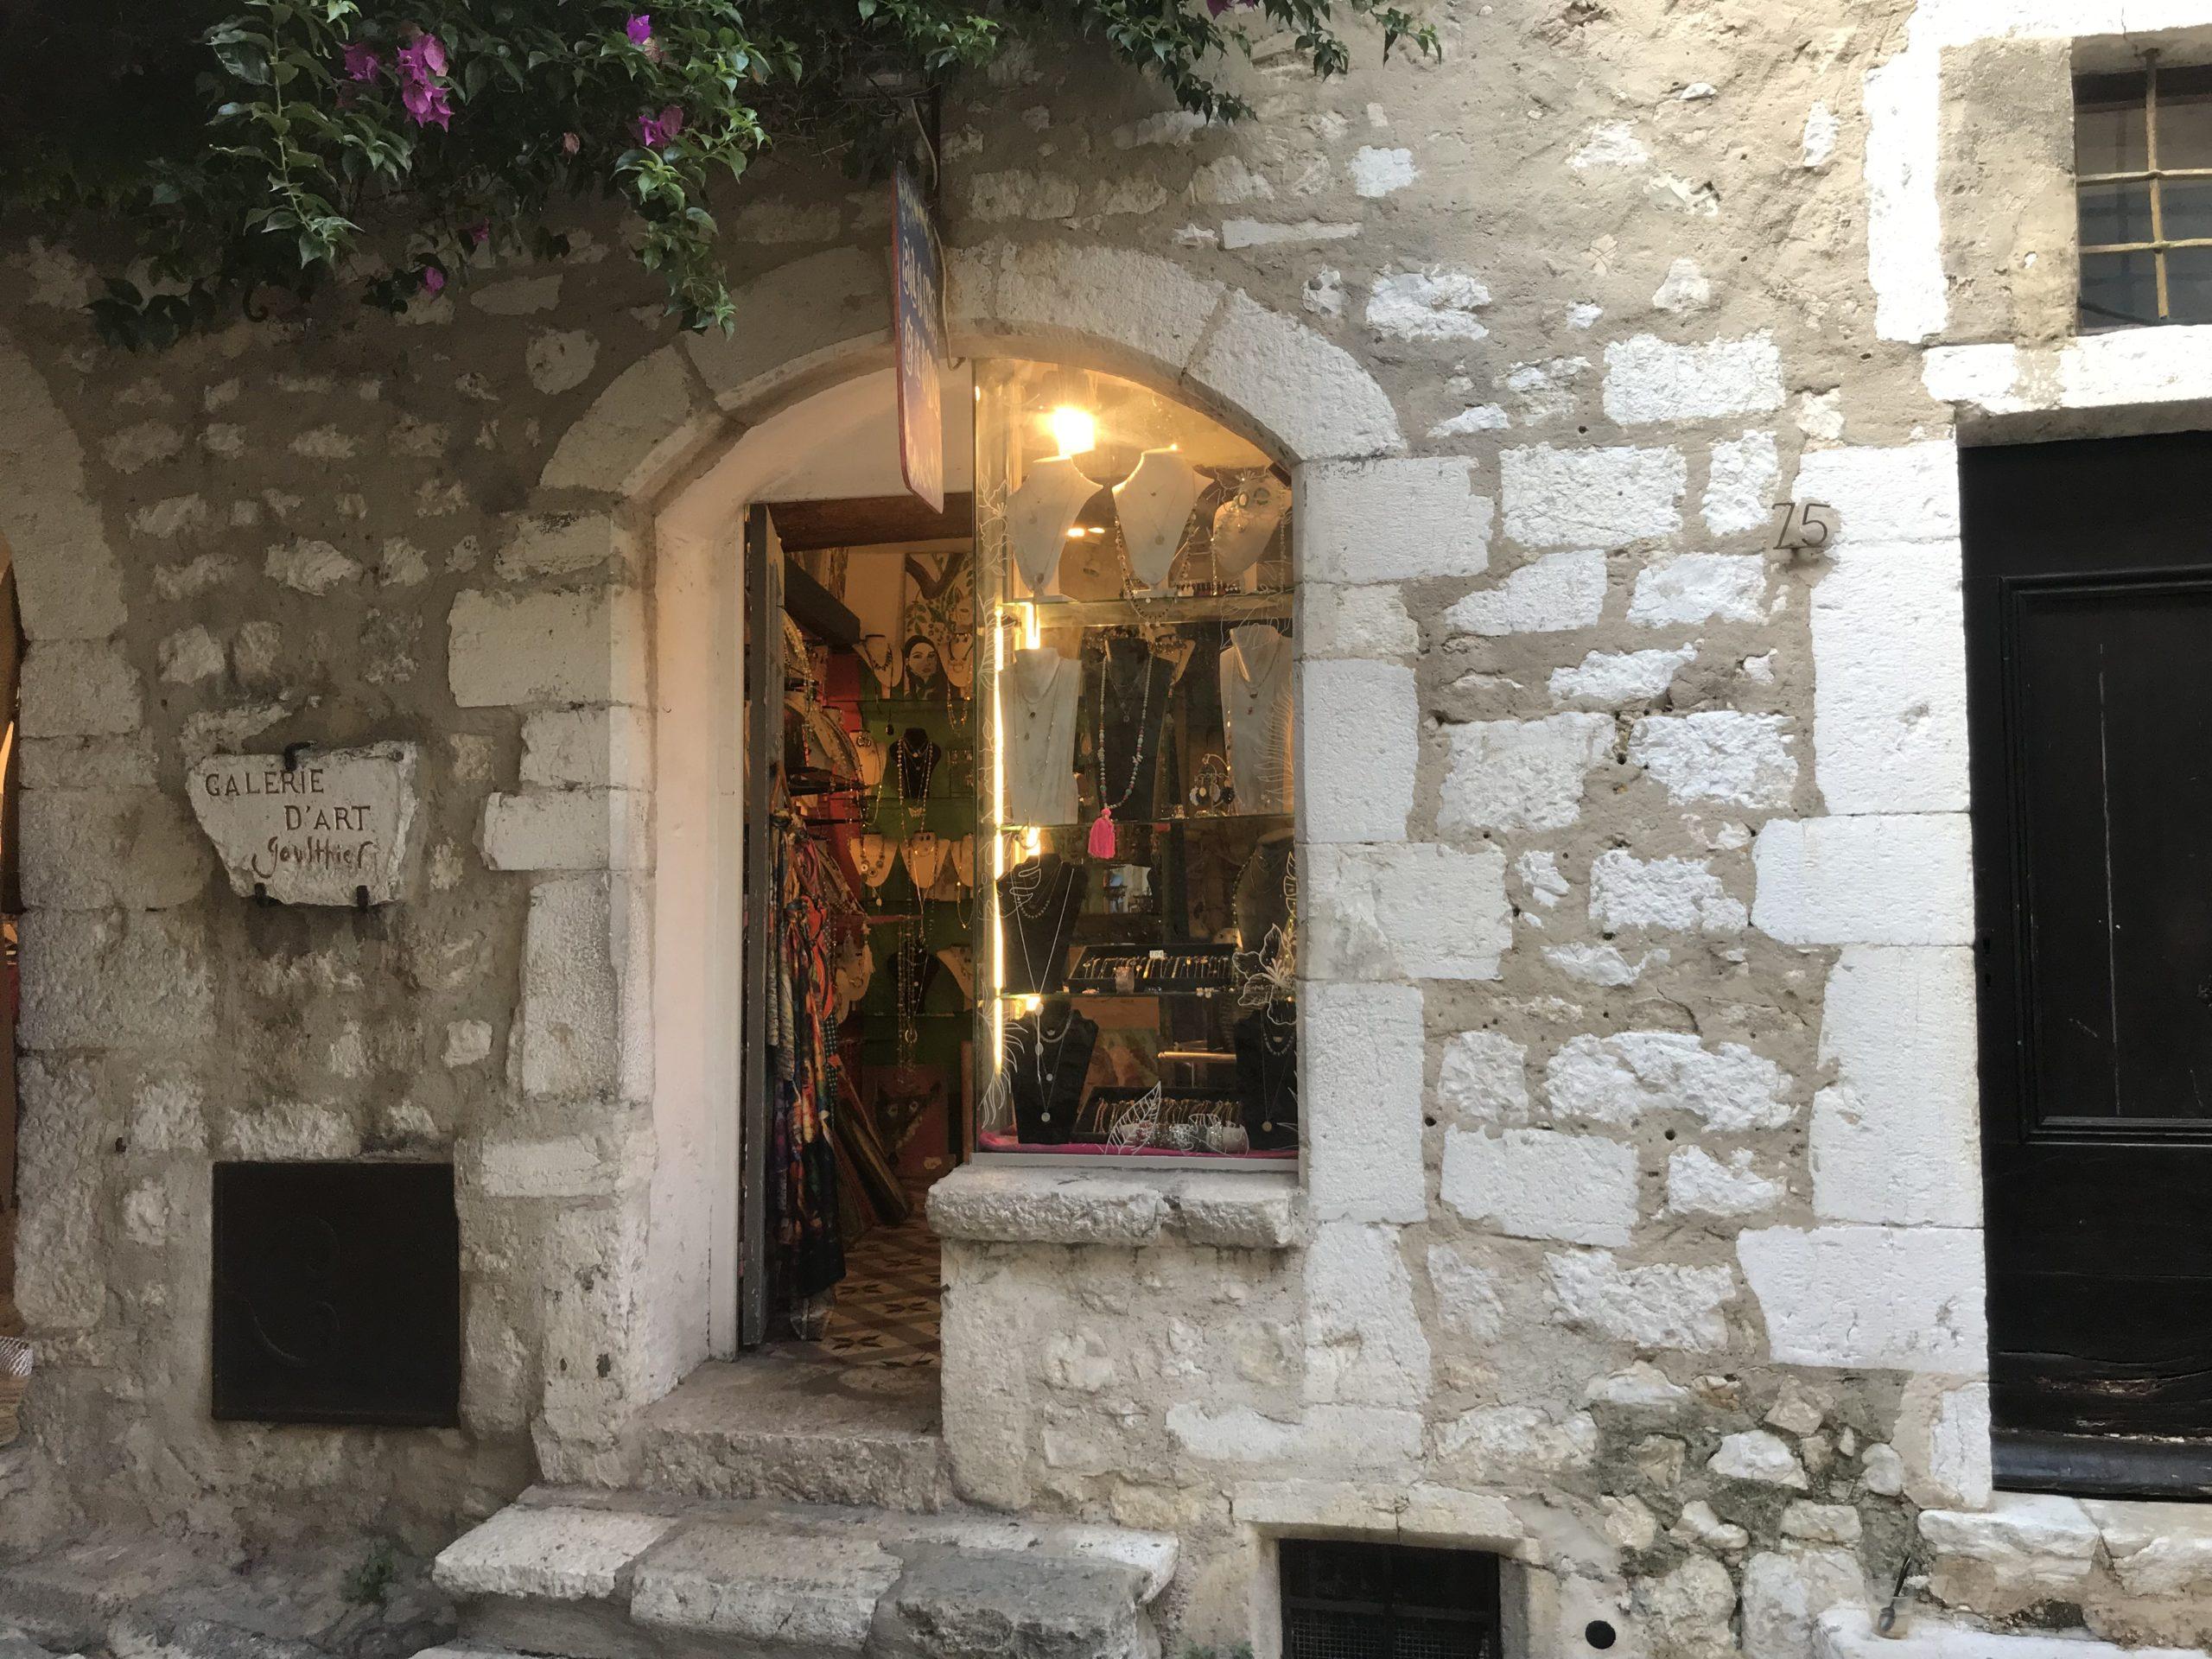 Fond de commerce – RUE PRINCIPALE Saint-Paul-de-Vence